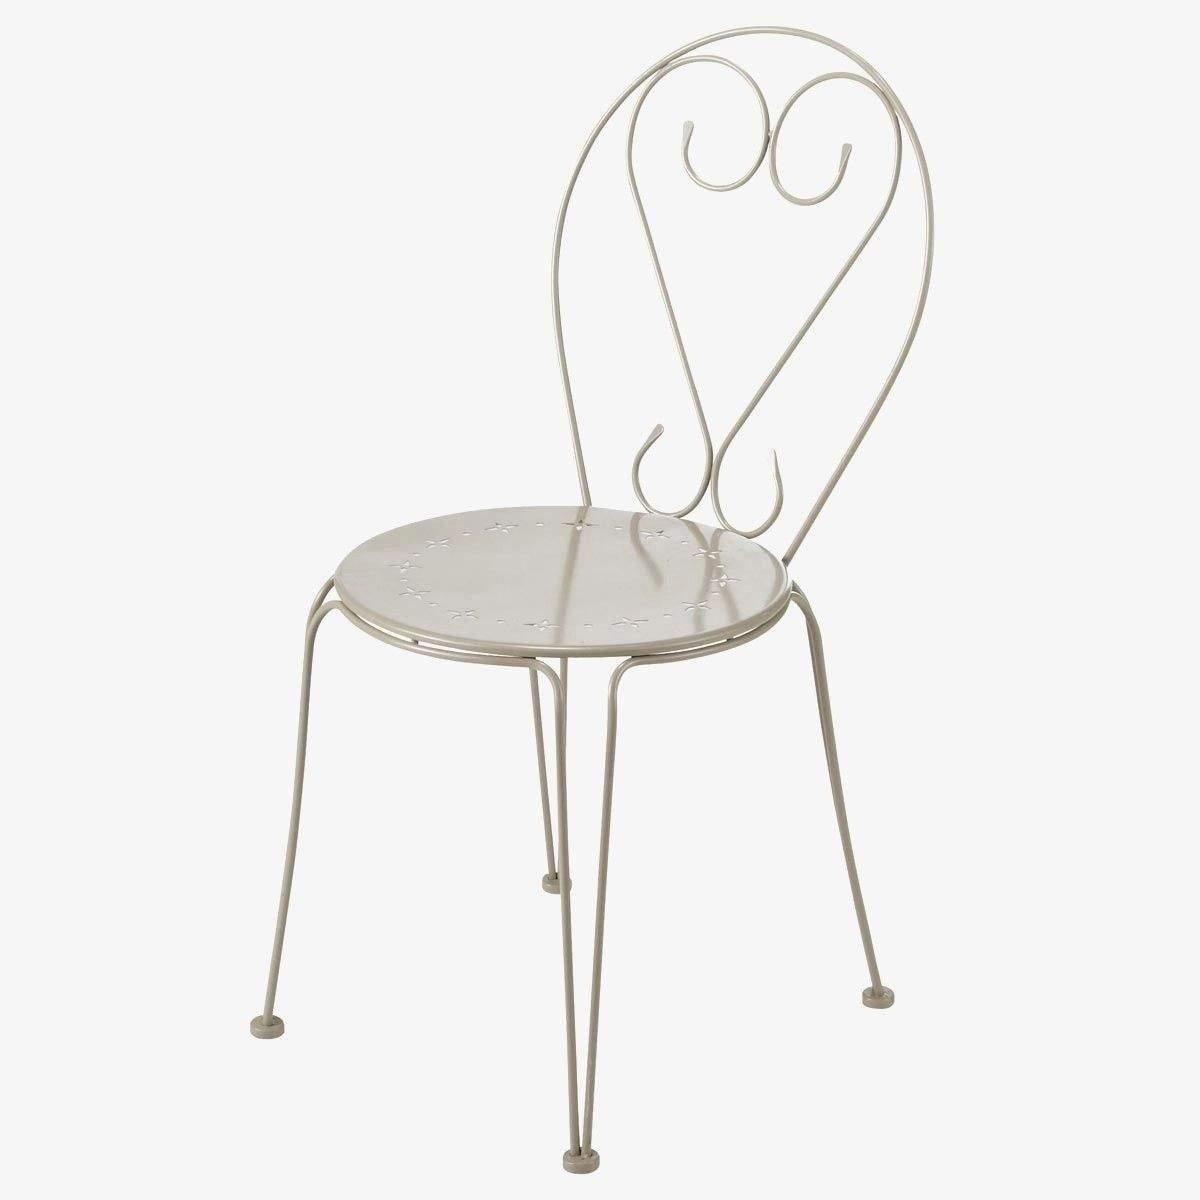 stuhl metall schwarz stuhl schwarz metall einzigartig garten stuhl genial gartenstuhl aus einzigartig